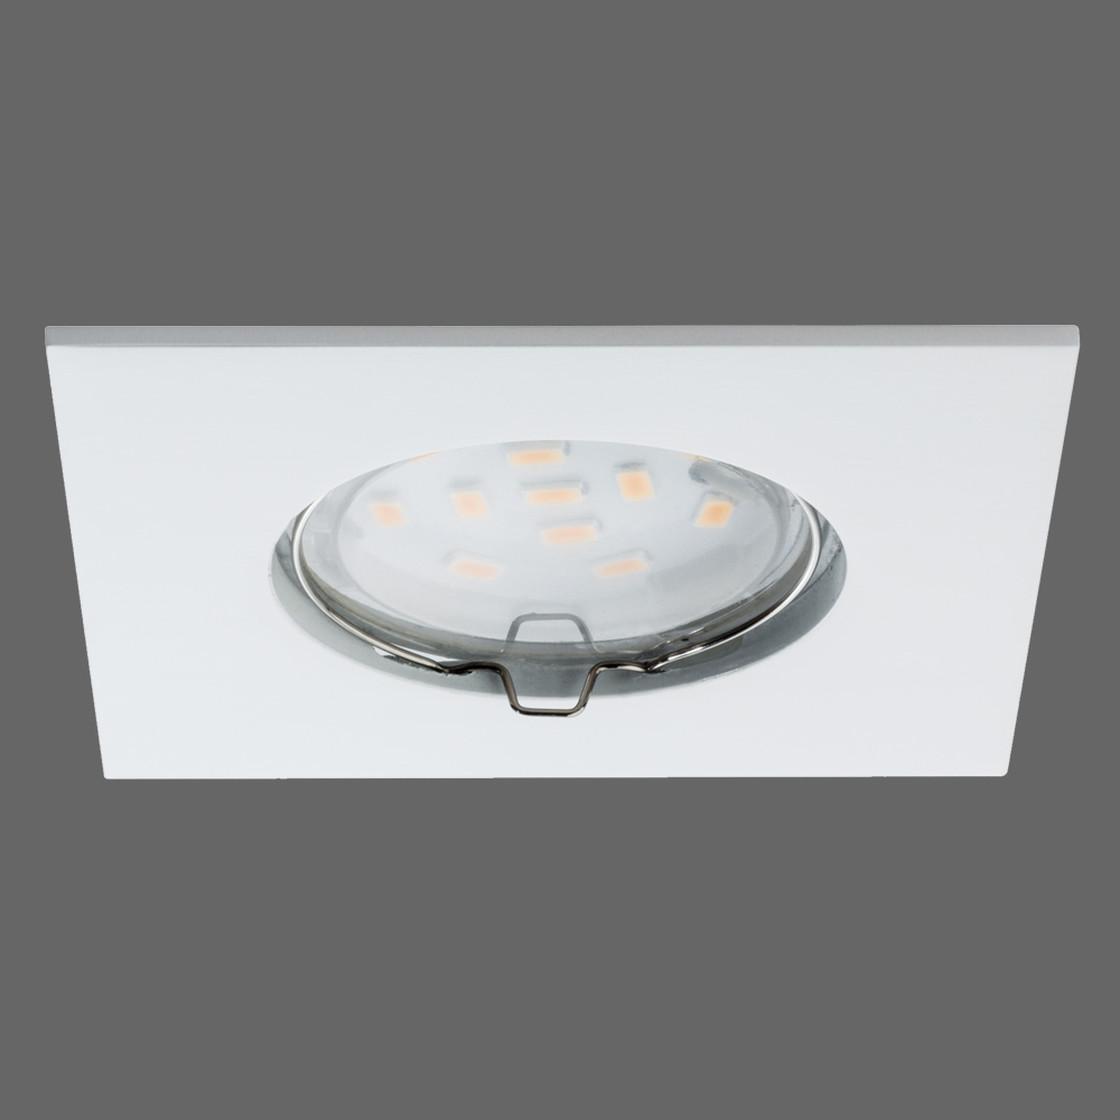 paulmann premium line coin led set 3x6 8w weiss matt inkl leu 62 01. Black Bedroom Furniture Sets. Home Design Ideas